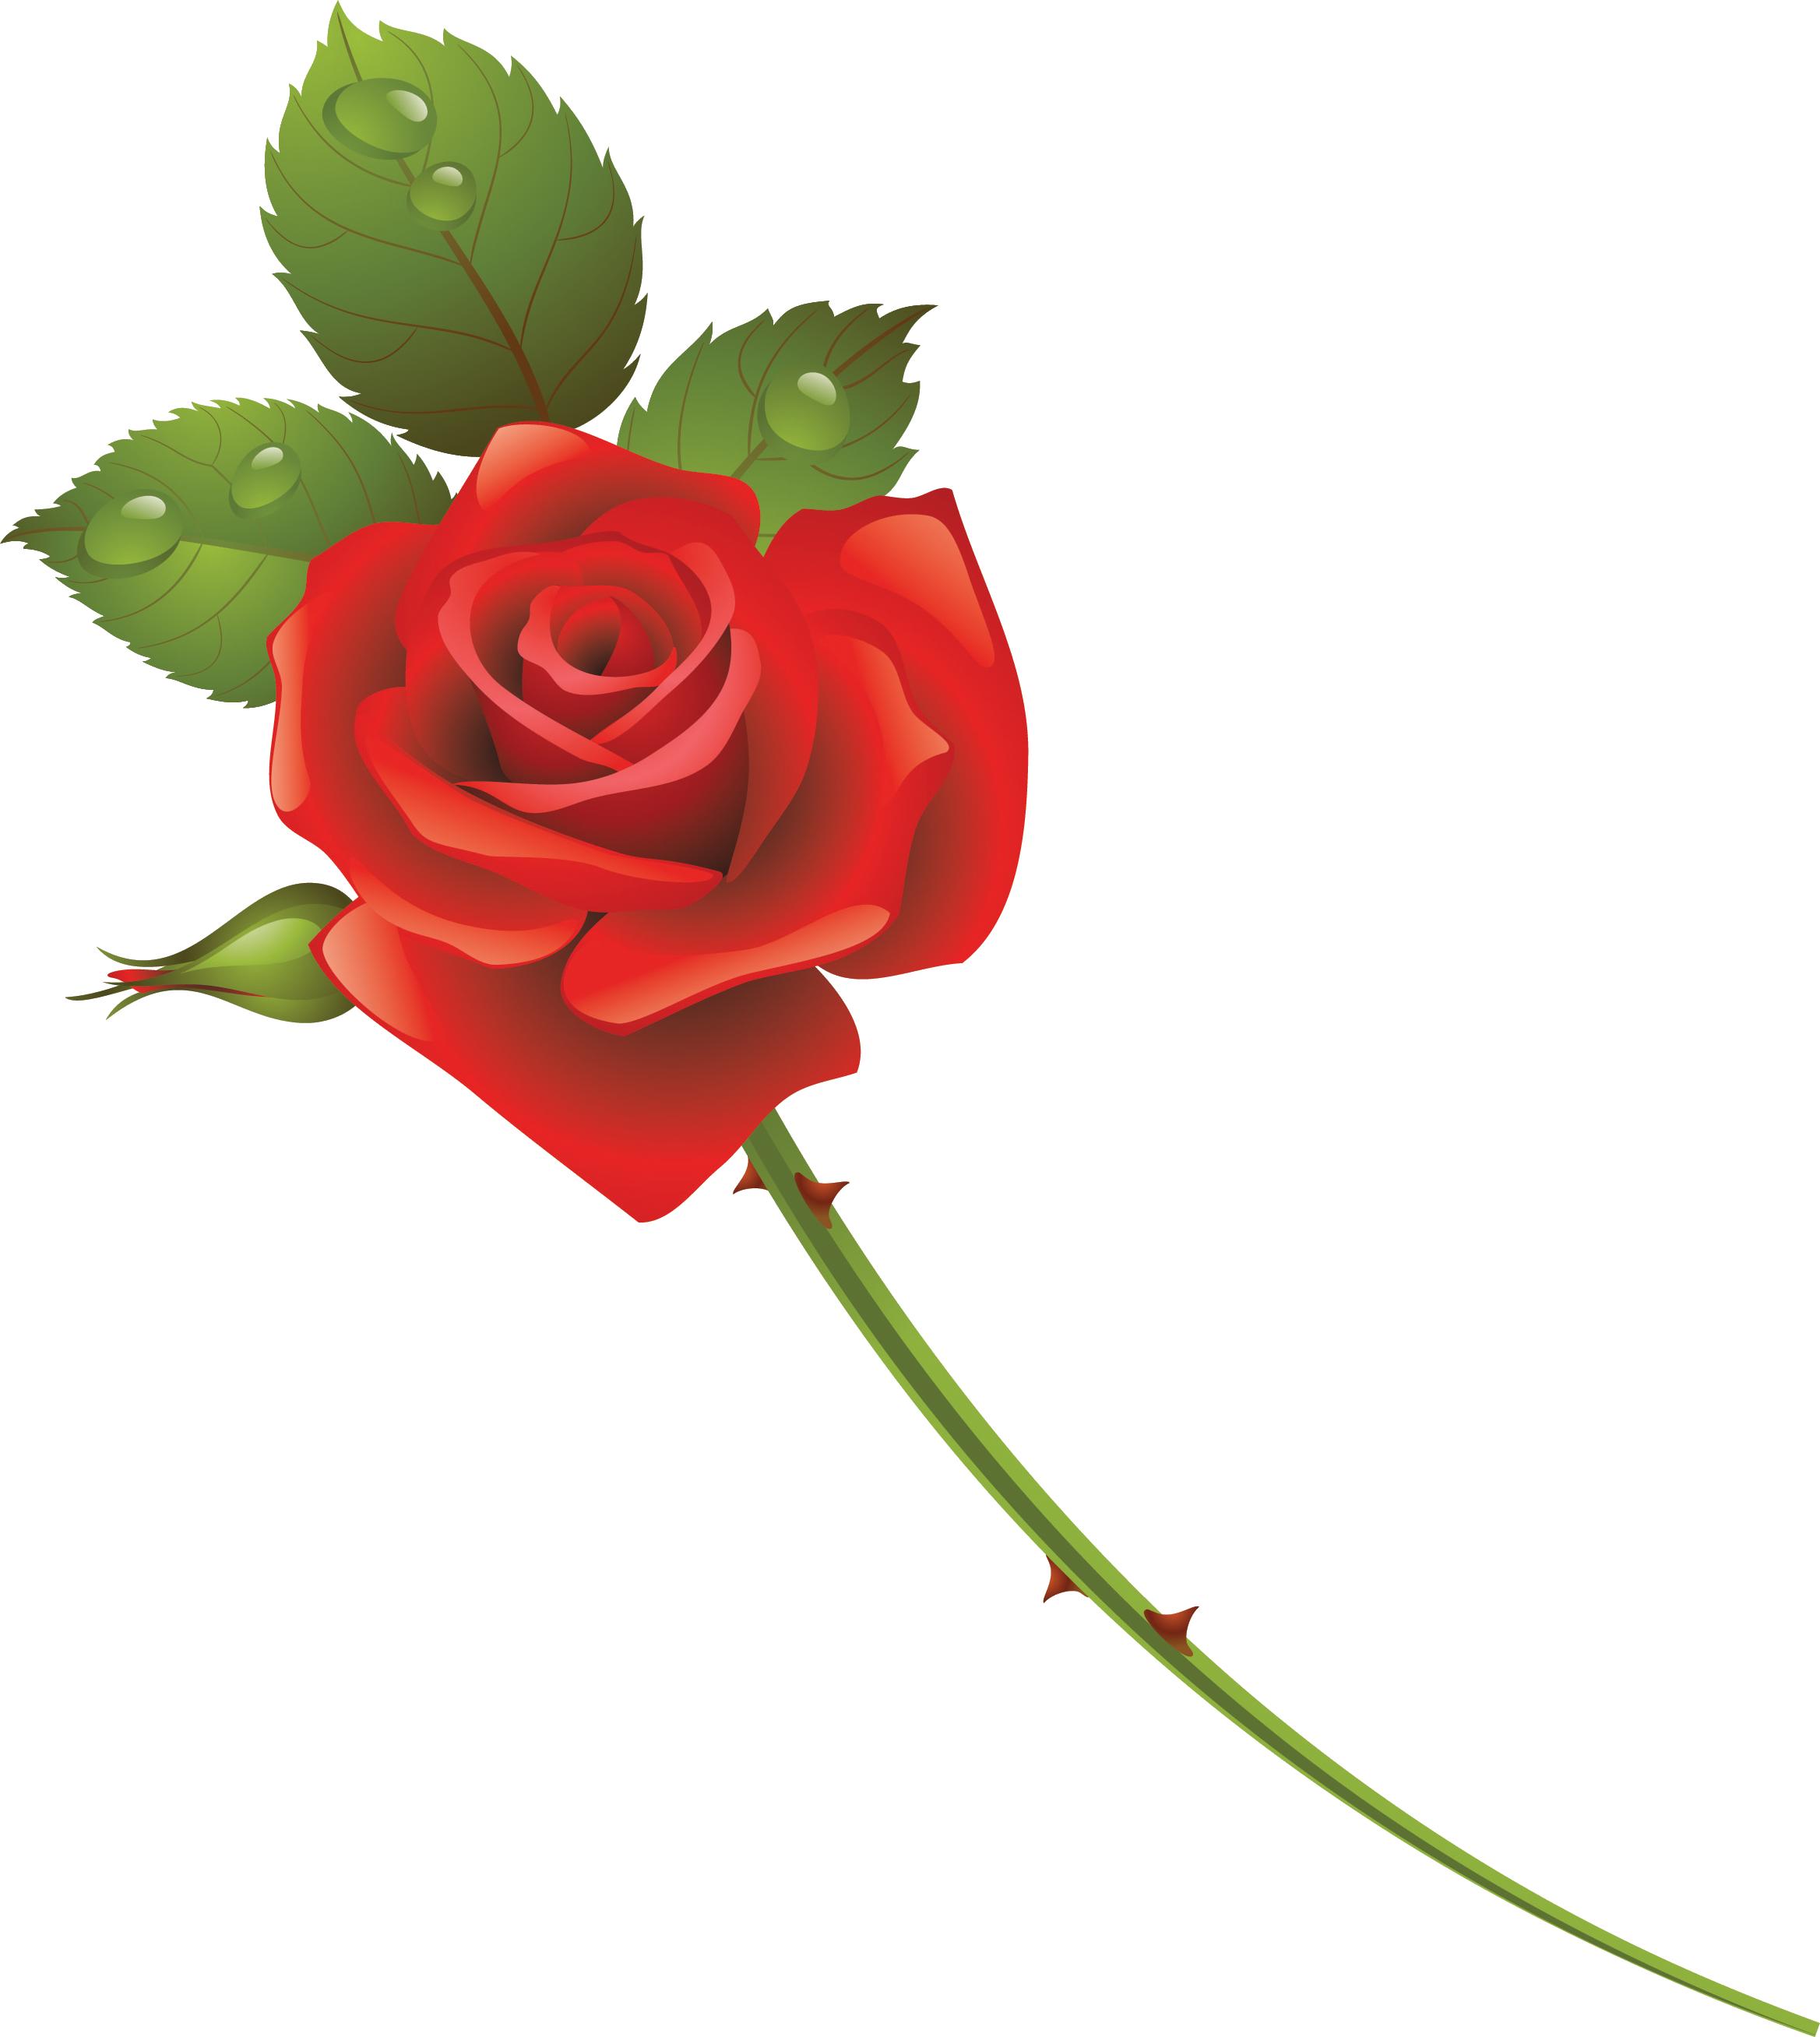 роза на белом фоне картинки мультяшные посчитали